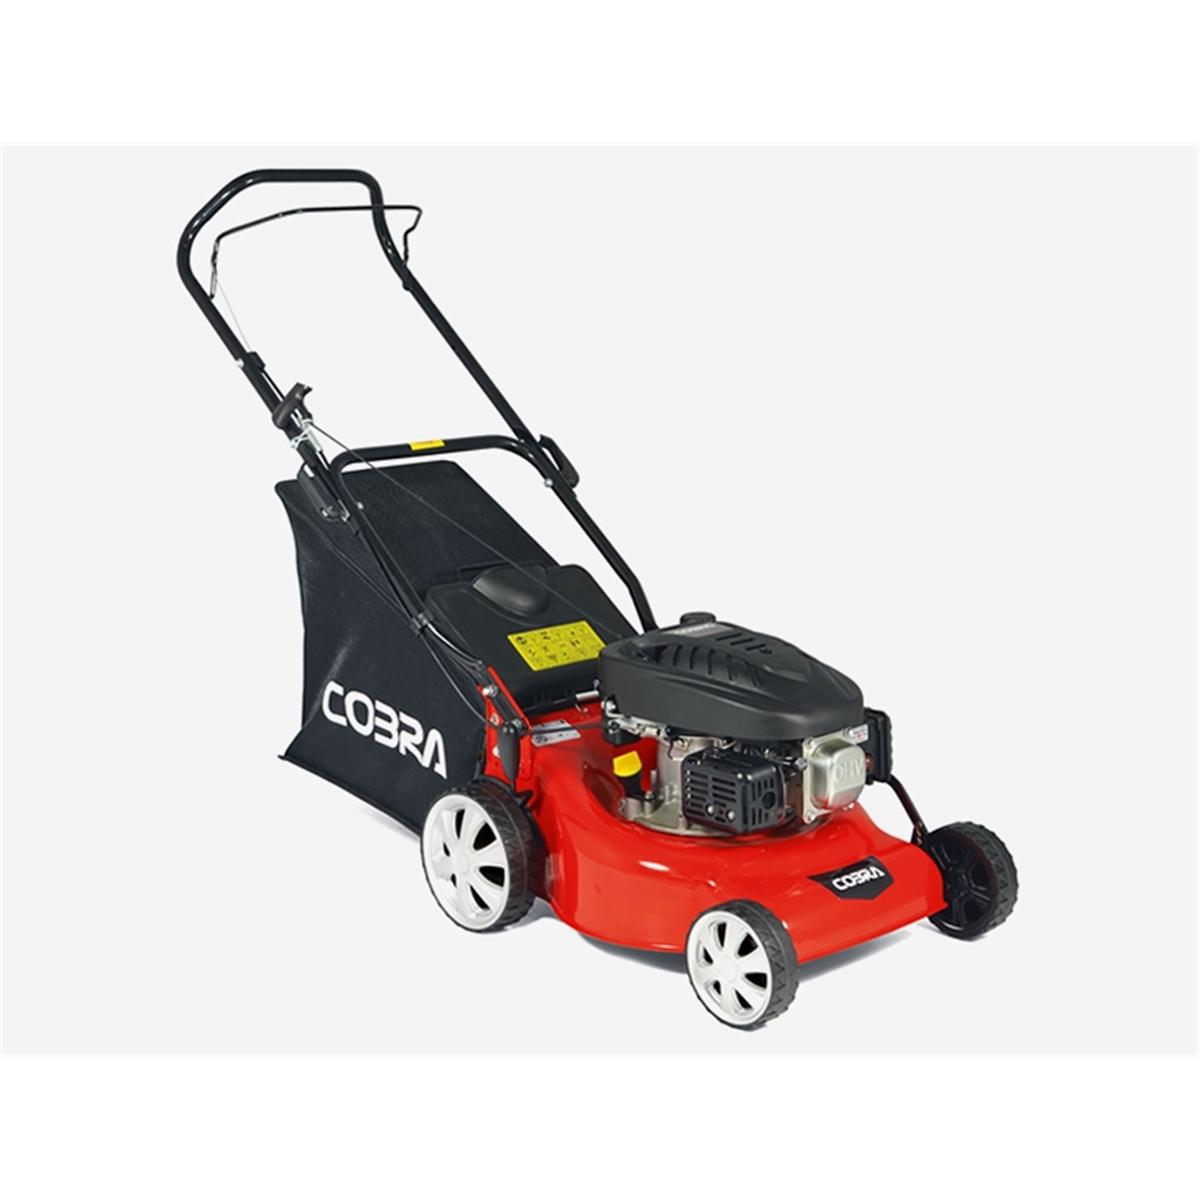 Petrol Rotary Push Lawnmower - 46cm - Cobra M46B - Free Oil